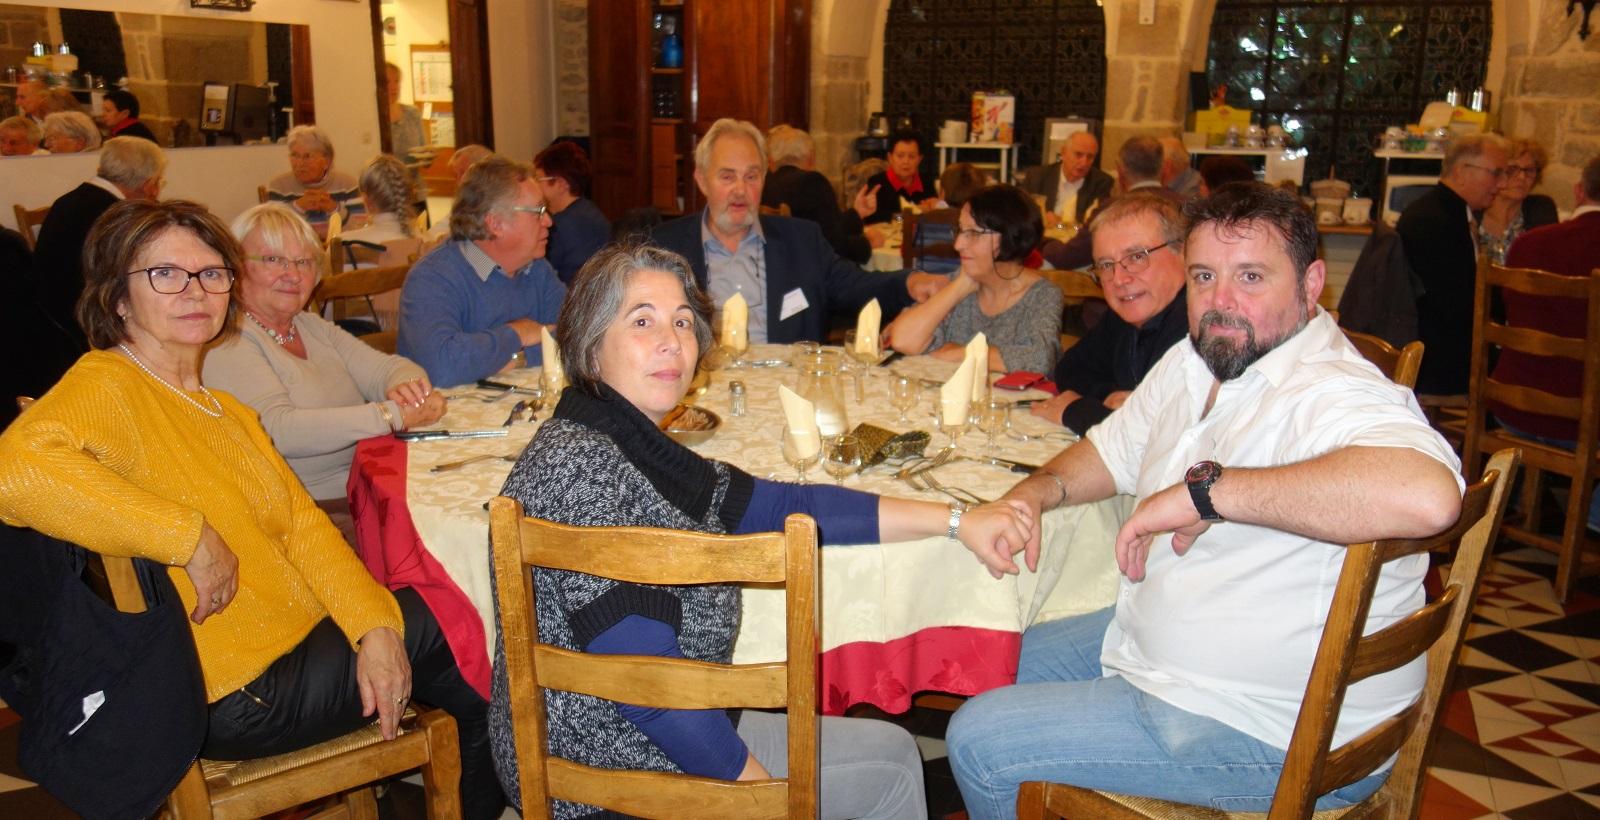 Les arpètes Bretons fêtent la Saint Eloi 33